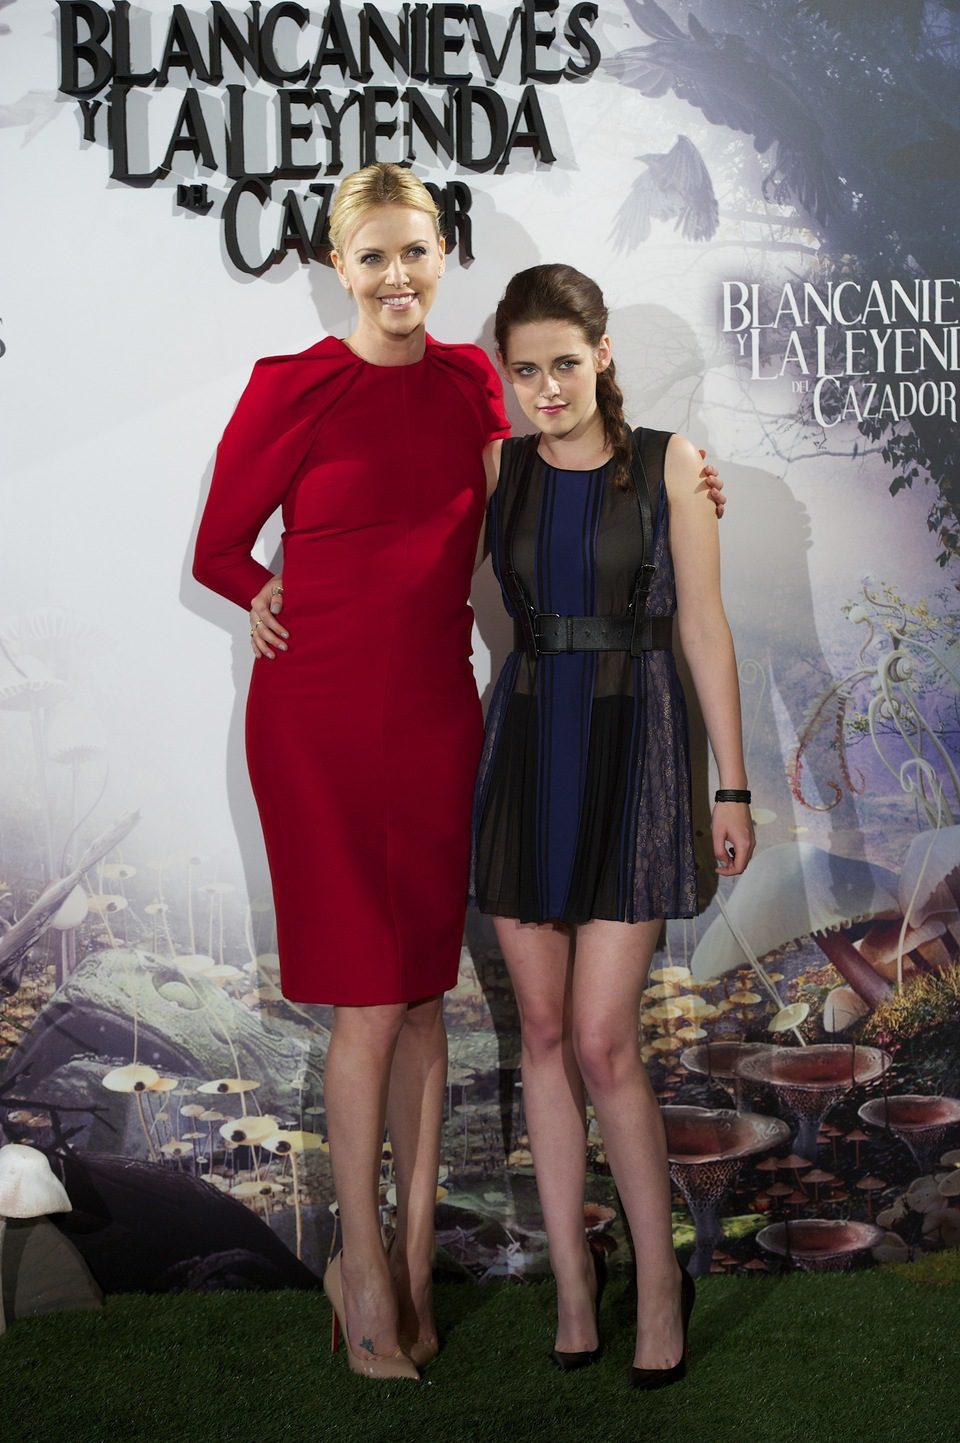 Charlize Theron y Kristen Stewart en la presentación de 'Blancanieves y la leyenda del cazador' en Madrid